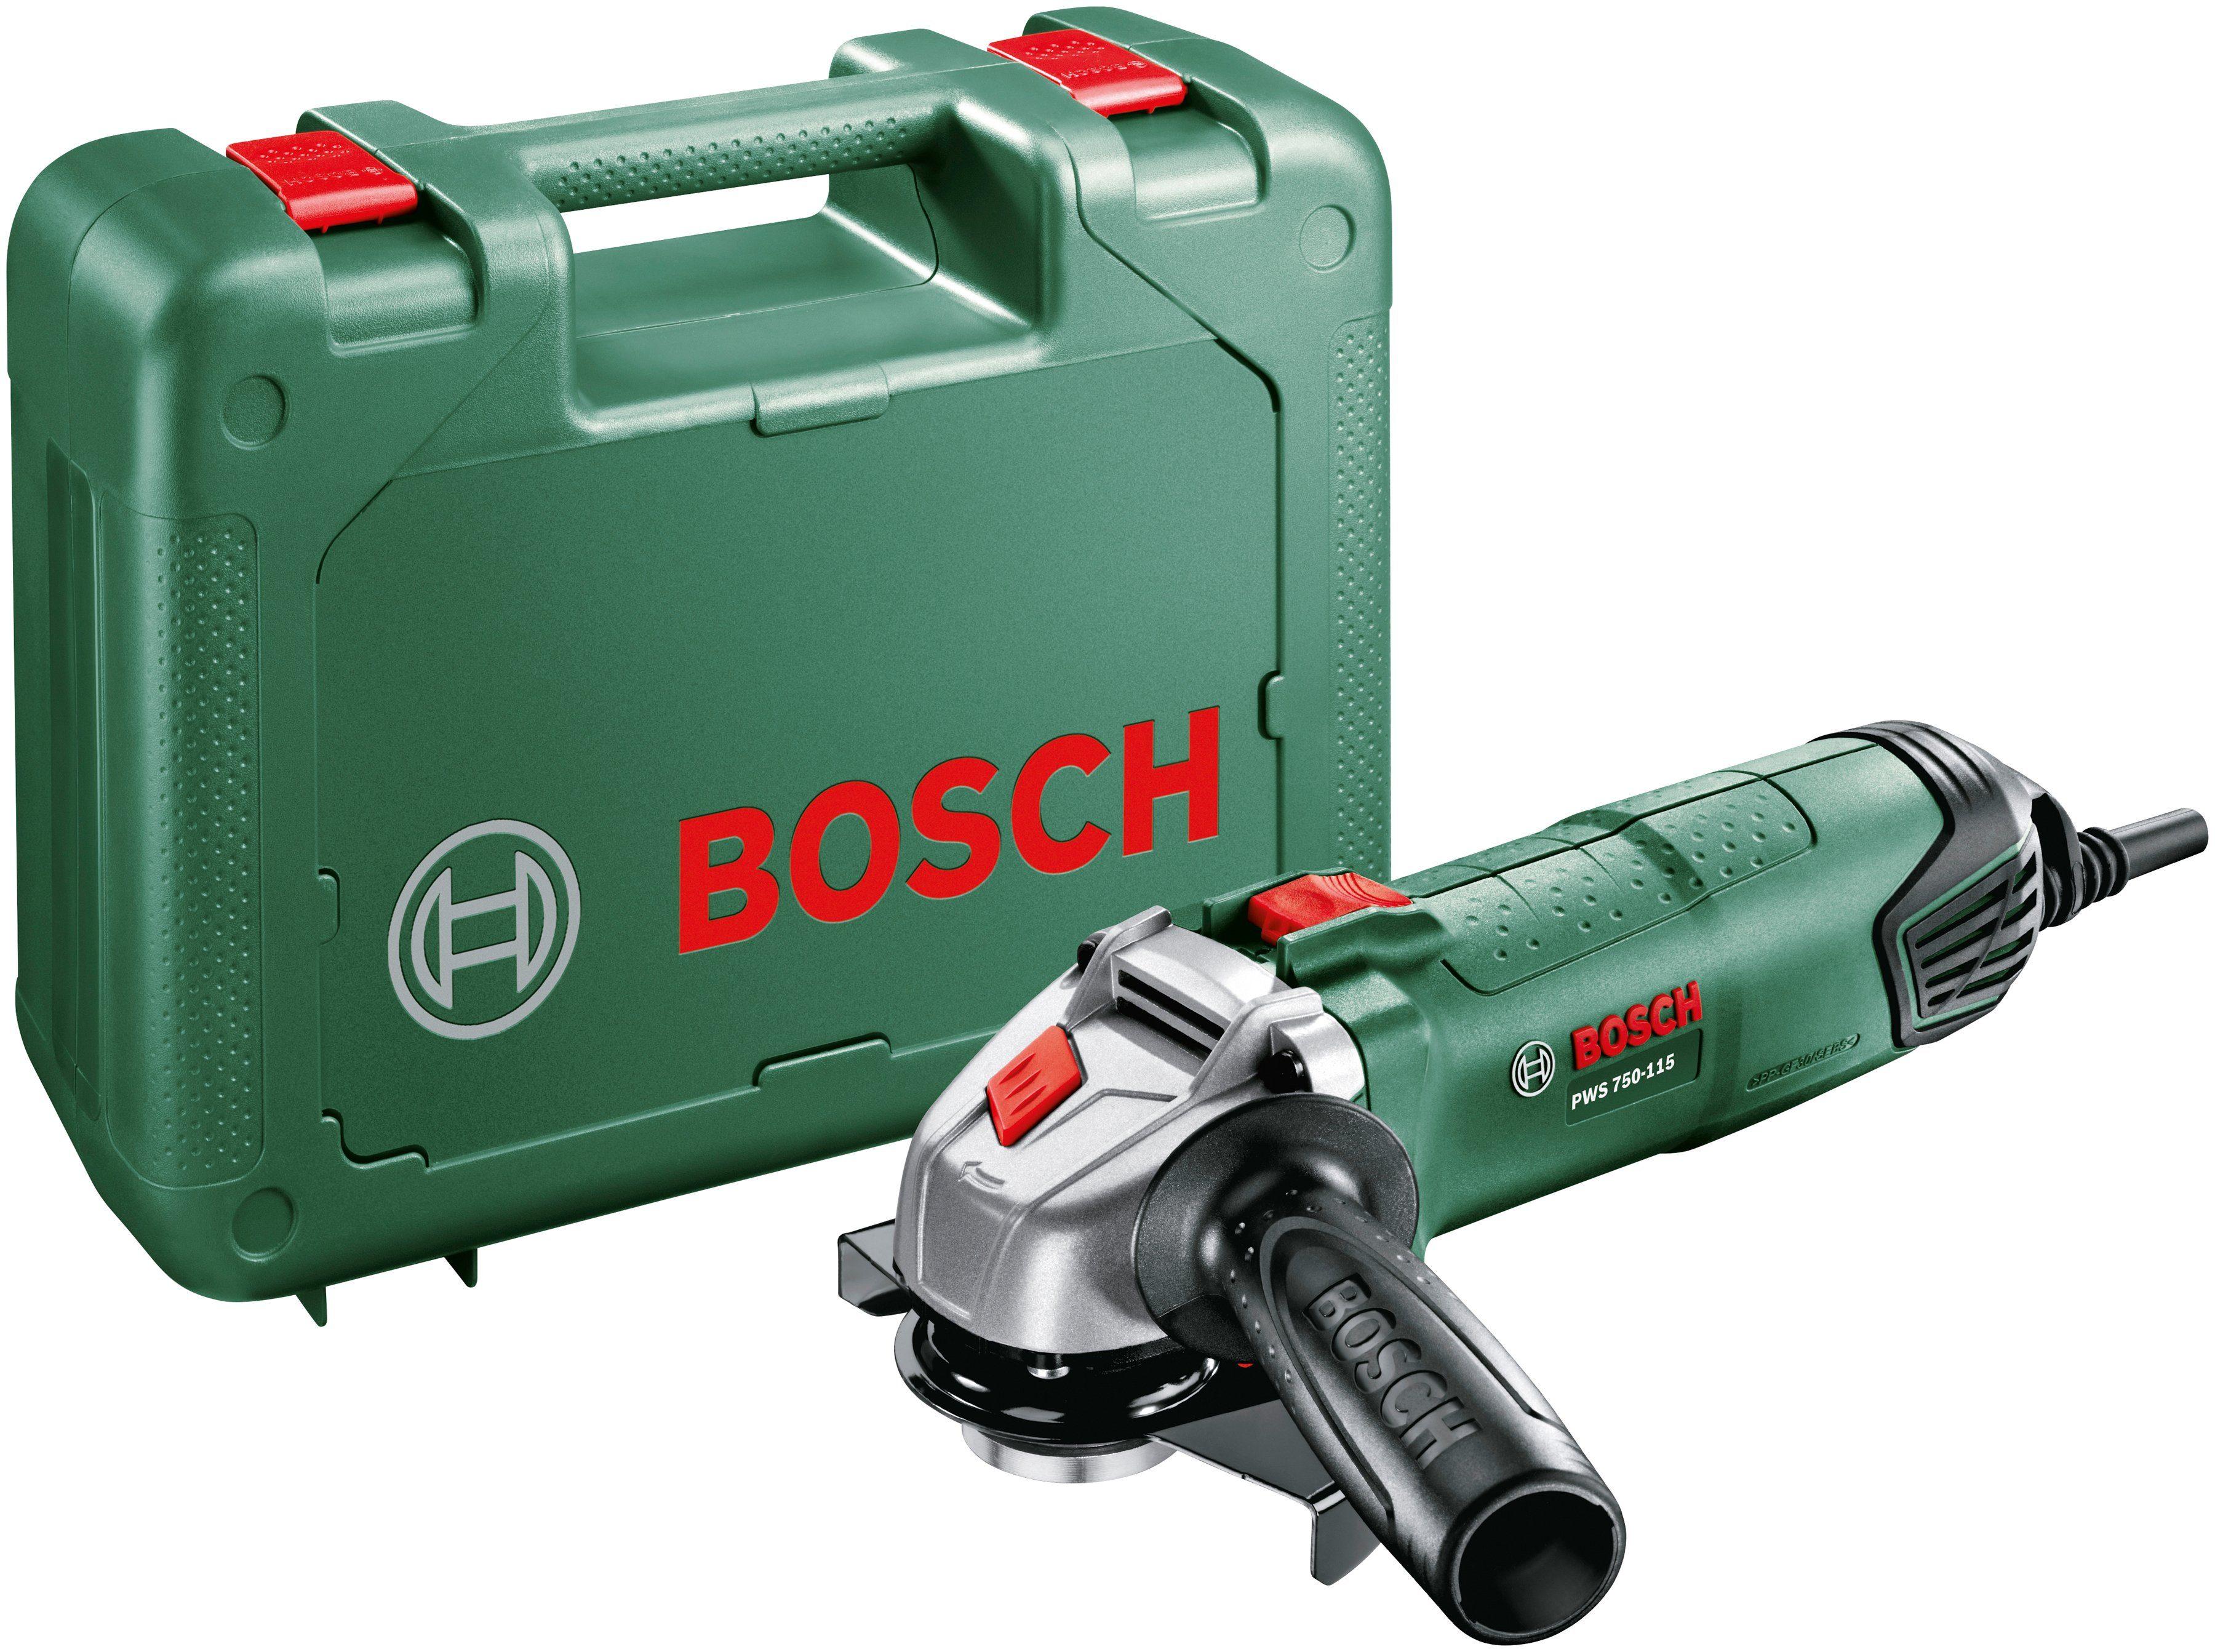 Bosch Laser Entfernungsmesser Grün Oder Blau : Bosch winkelschleifer pws « online kaufen otto